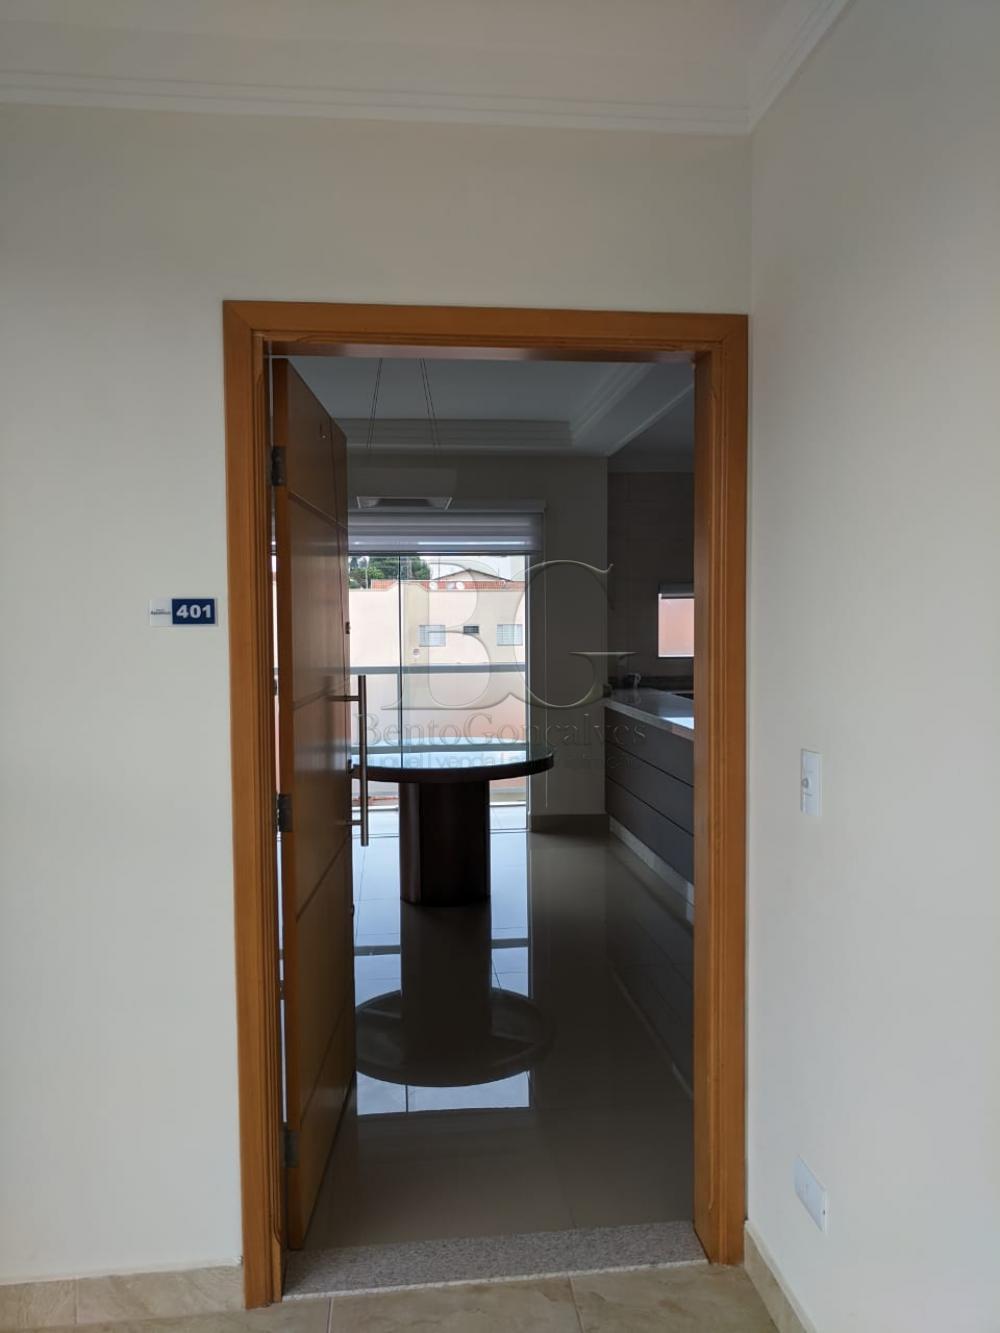 Comprar Apartamentos / Padrão em Poços de Caldas apenas R$ 670.000,00 - Foto 2